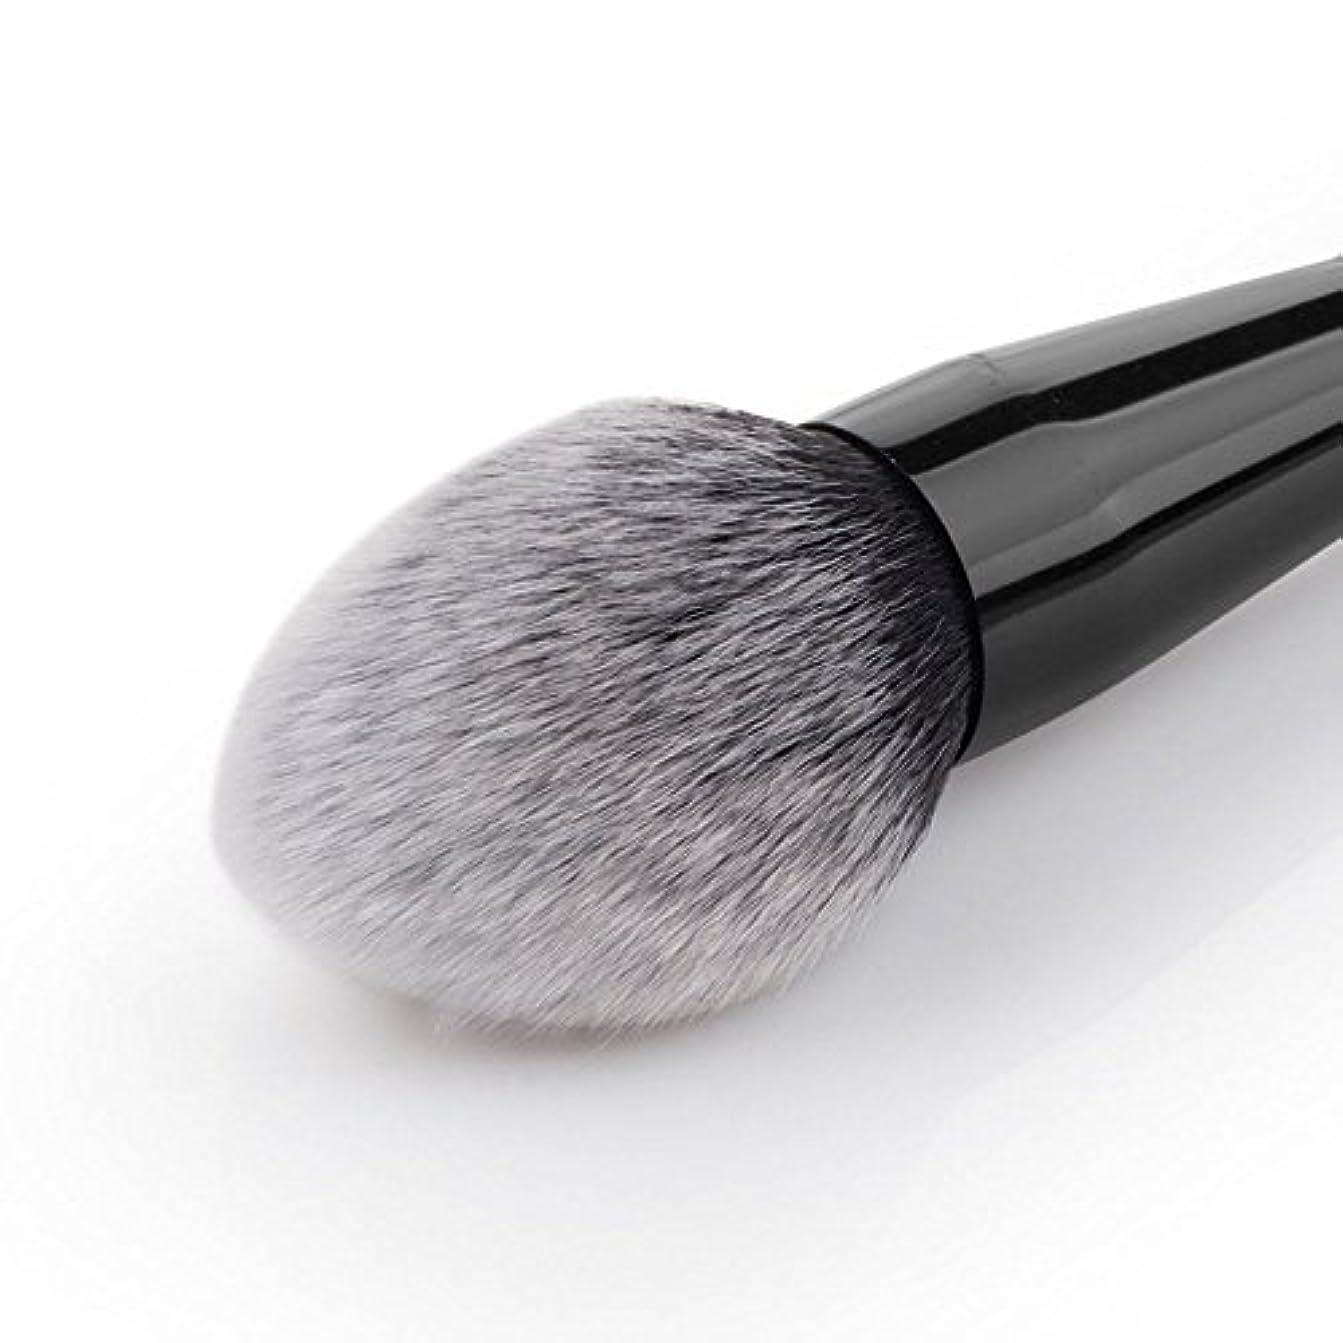 発生バーチャルポイントFidgetGear 大きく柔らかい粉の大きい赤面炎のブラシの基礎は用具の美の化粧品を構成します